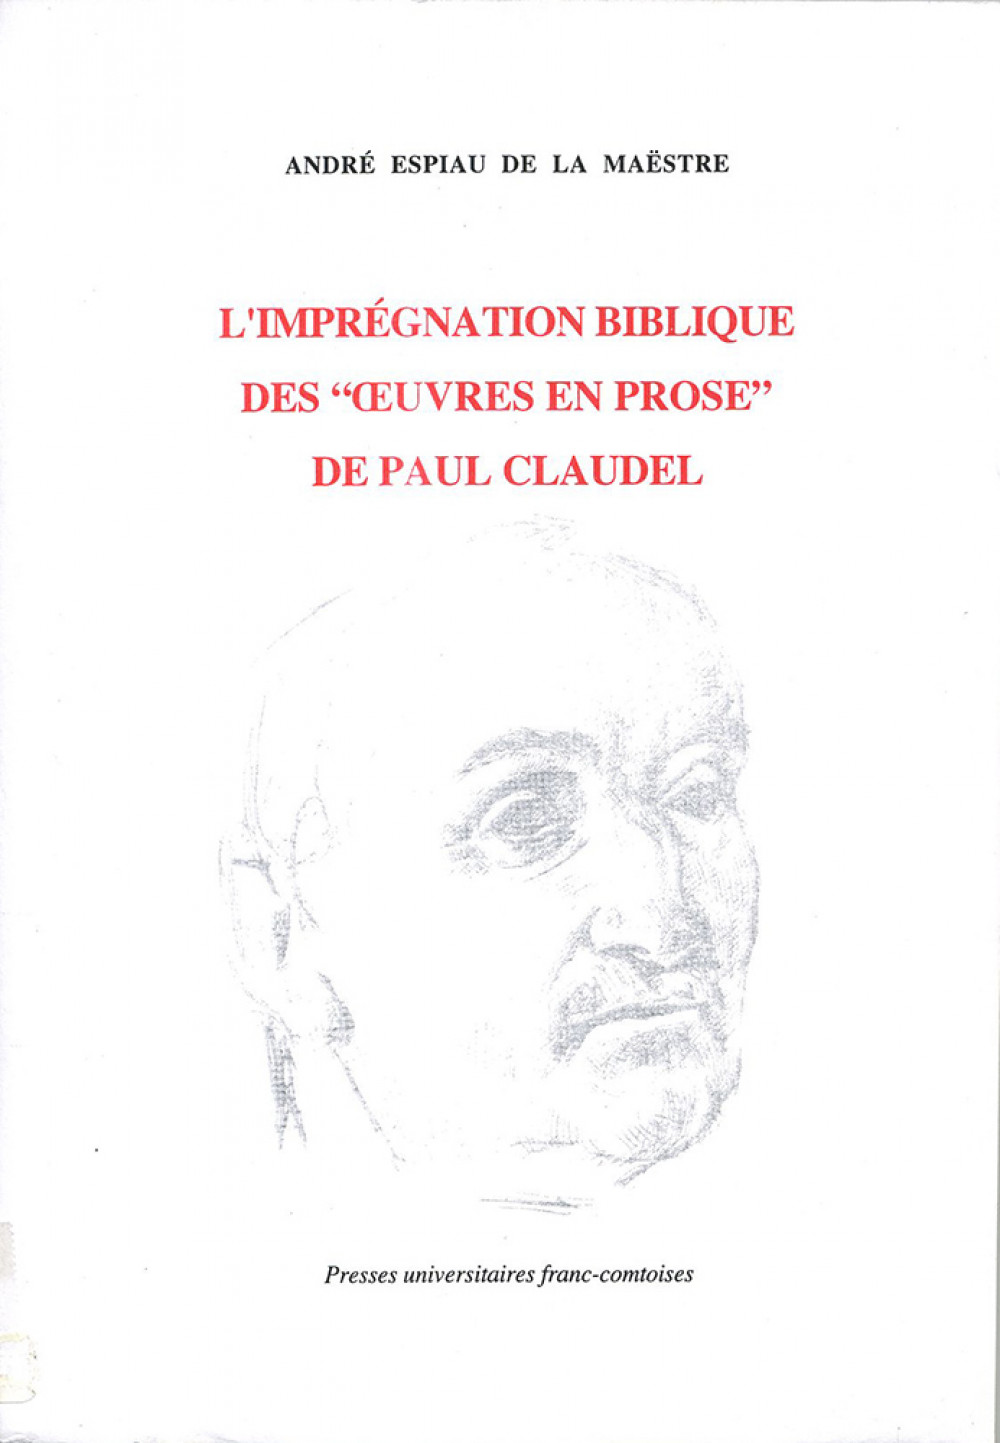 """L'imprégnation biblique des """"œuvres en prose"""" de Paul Claudel"""